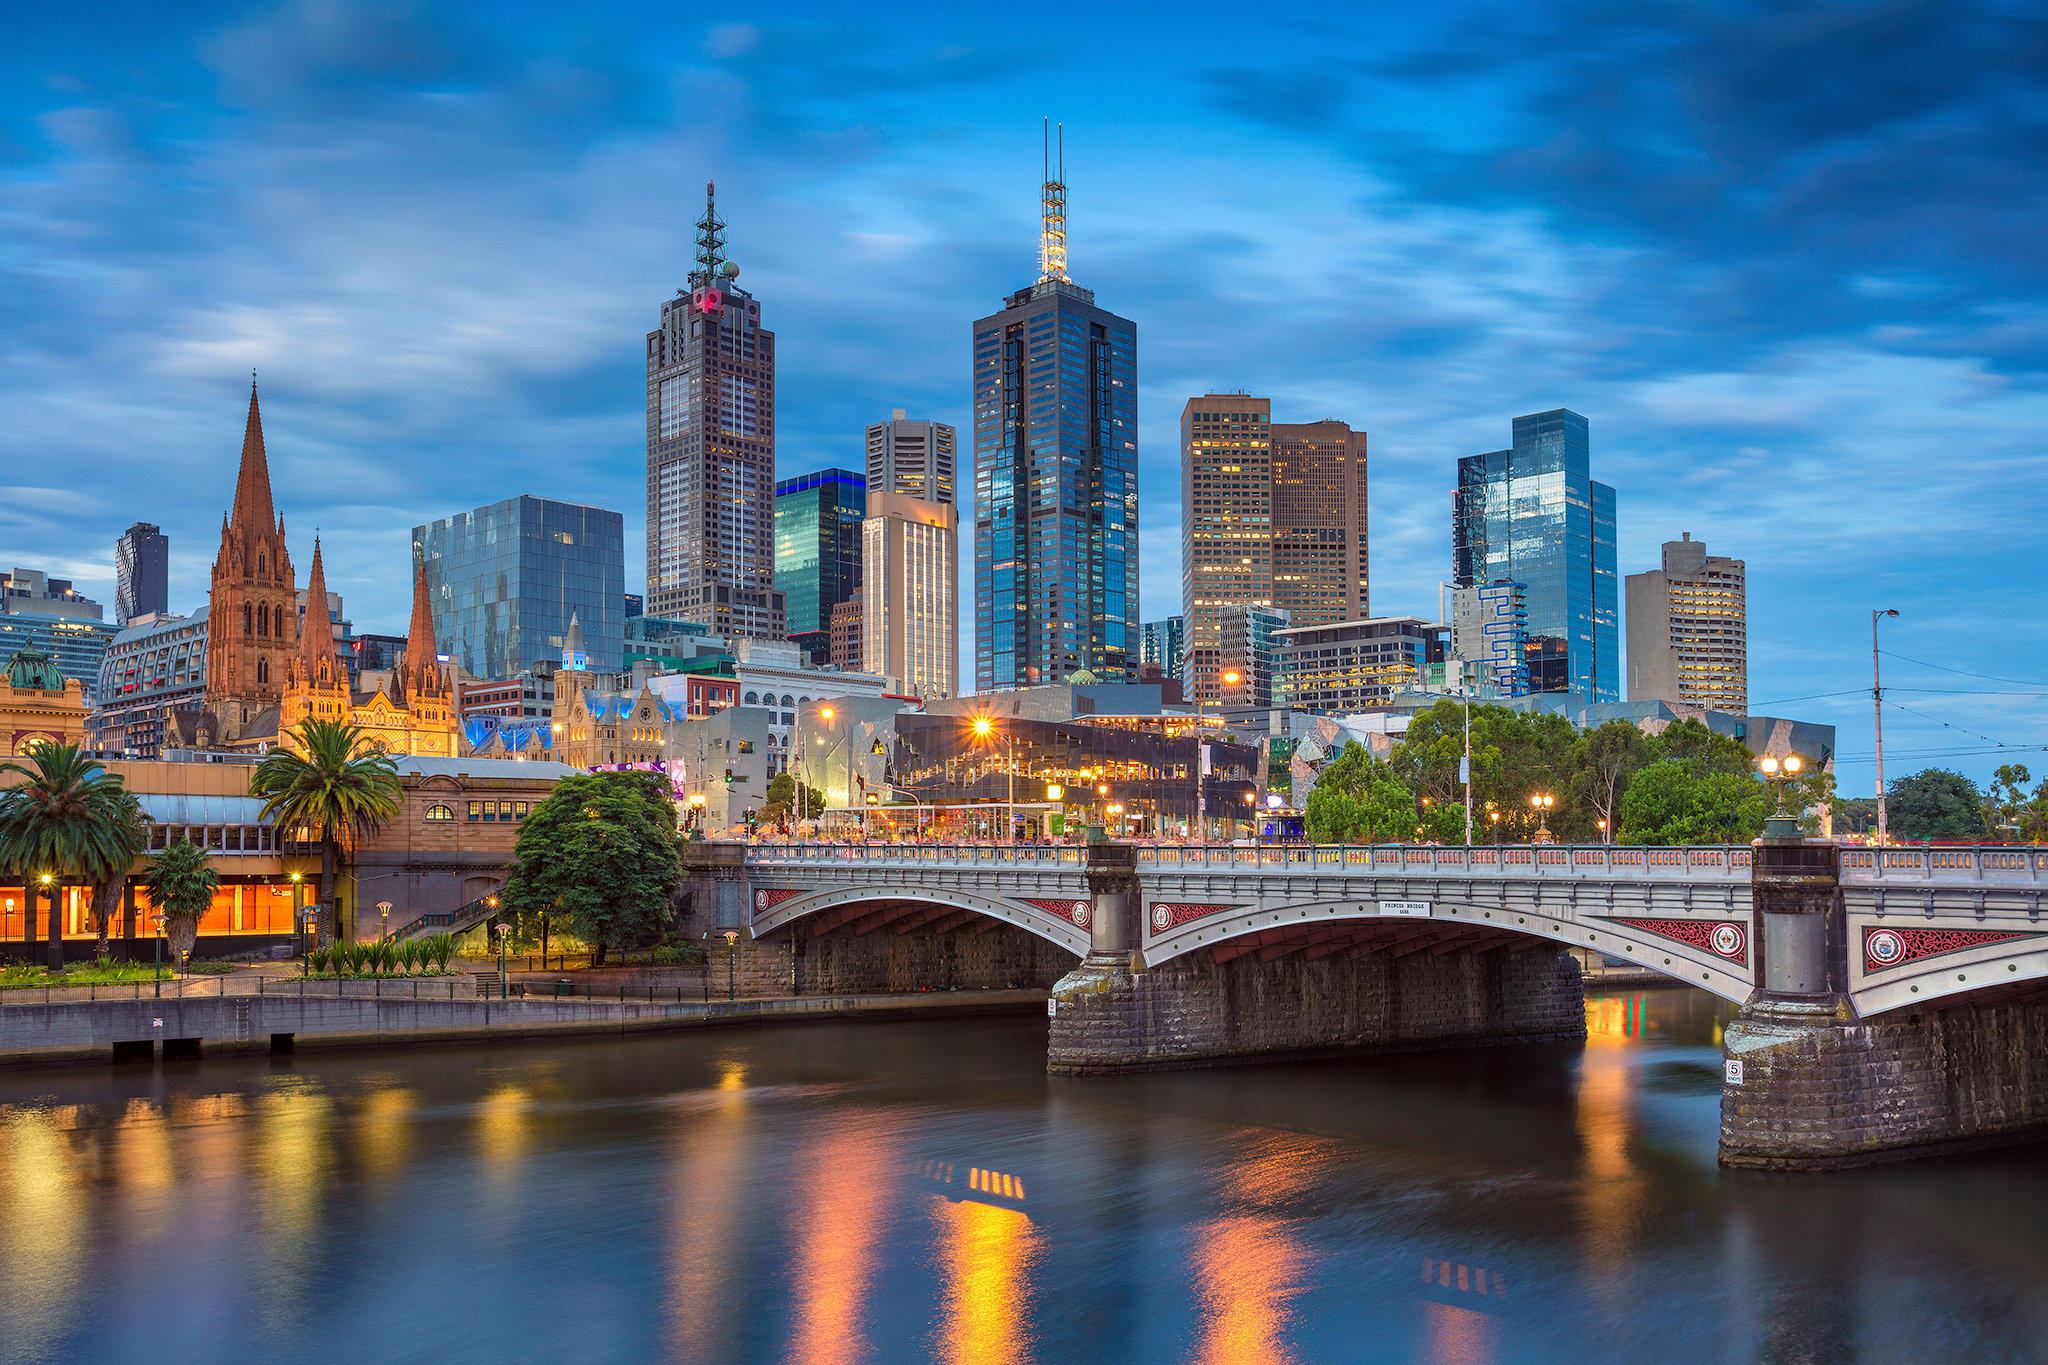 Oboi Melburn Avstraliya Gorod Kartinki Na Telefon